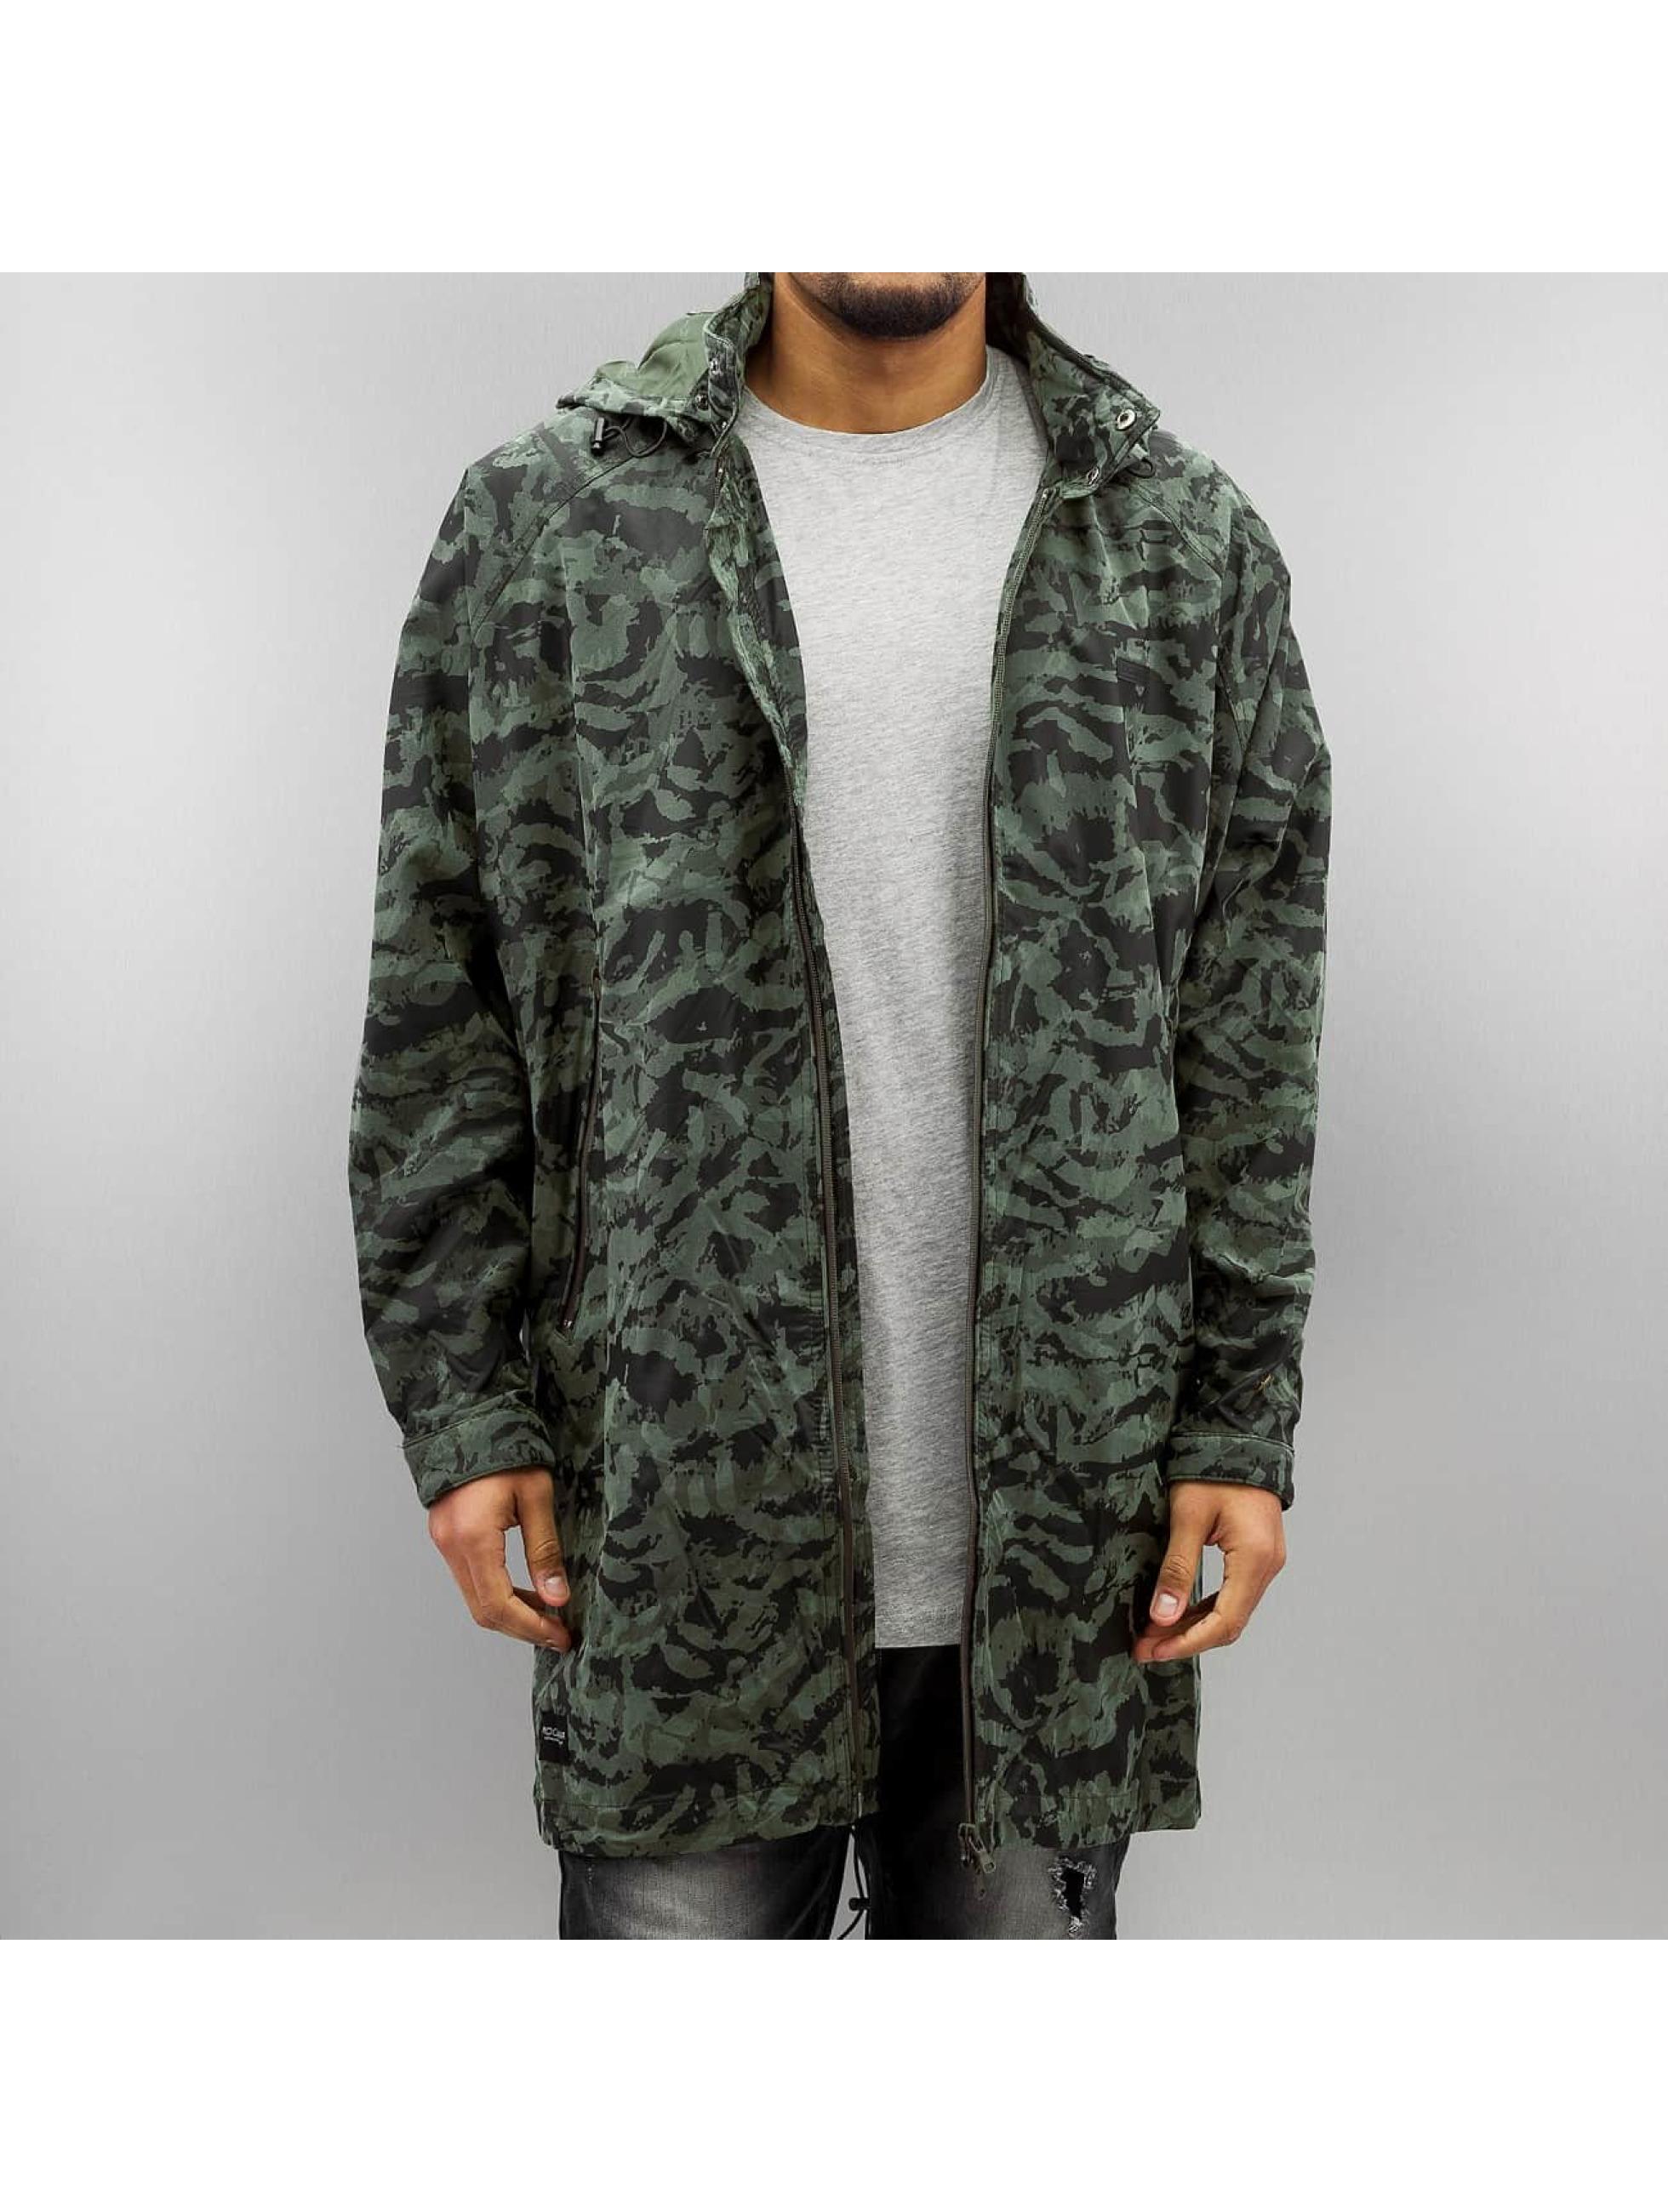 rocawear elmar camouflage homme manteau hiver 336394. Black Bedroom Furniture Sets. Home Design Ideas